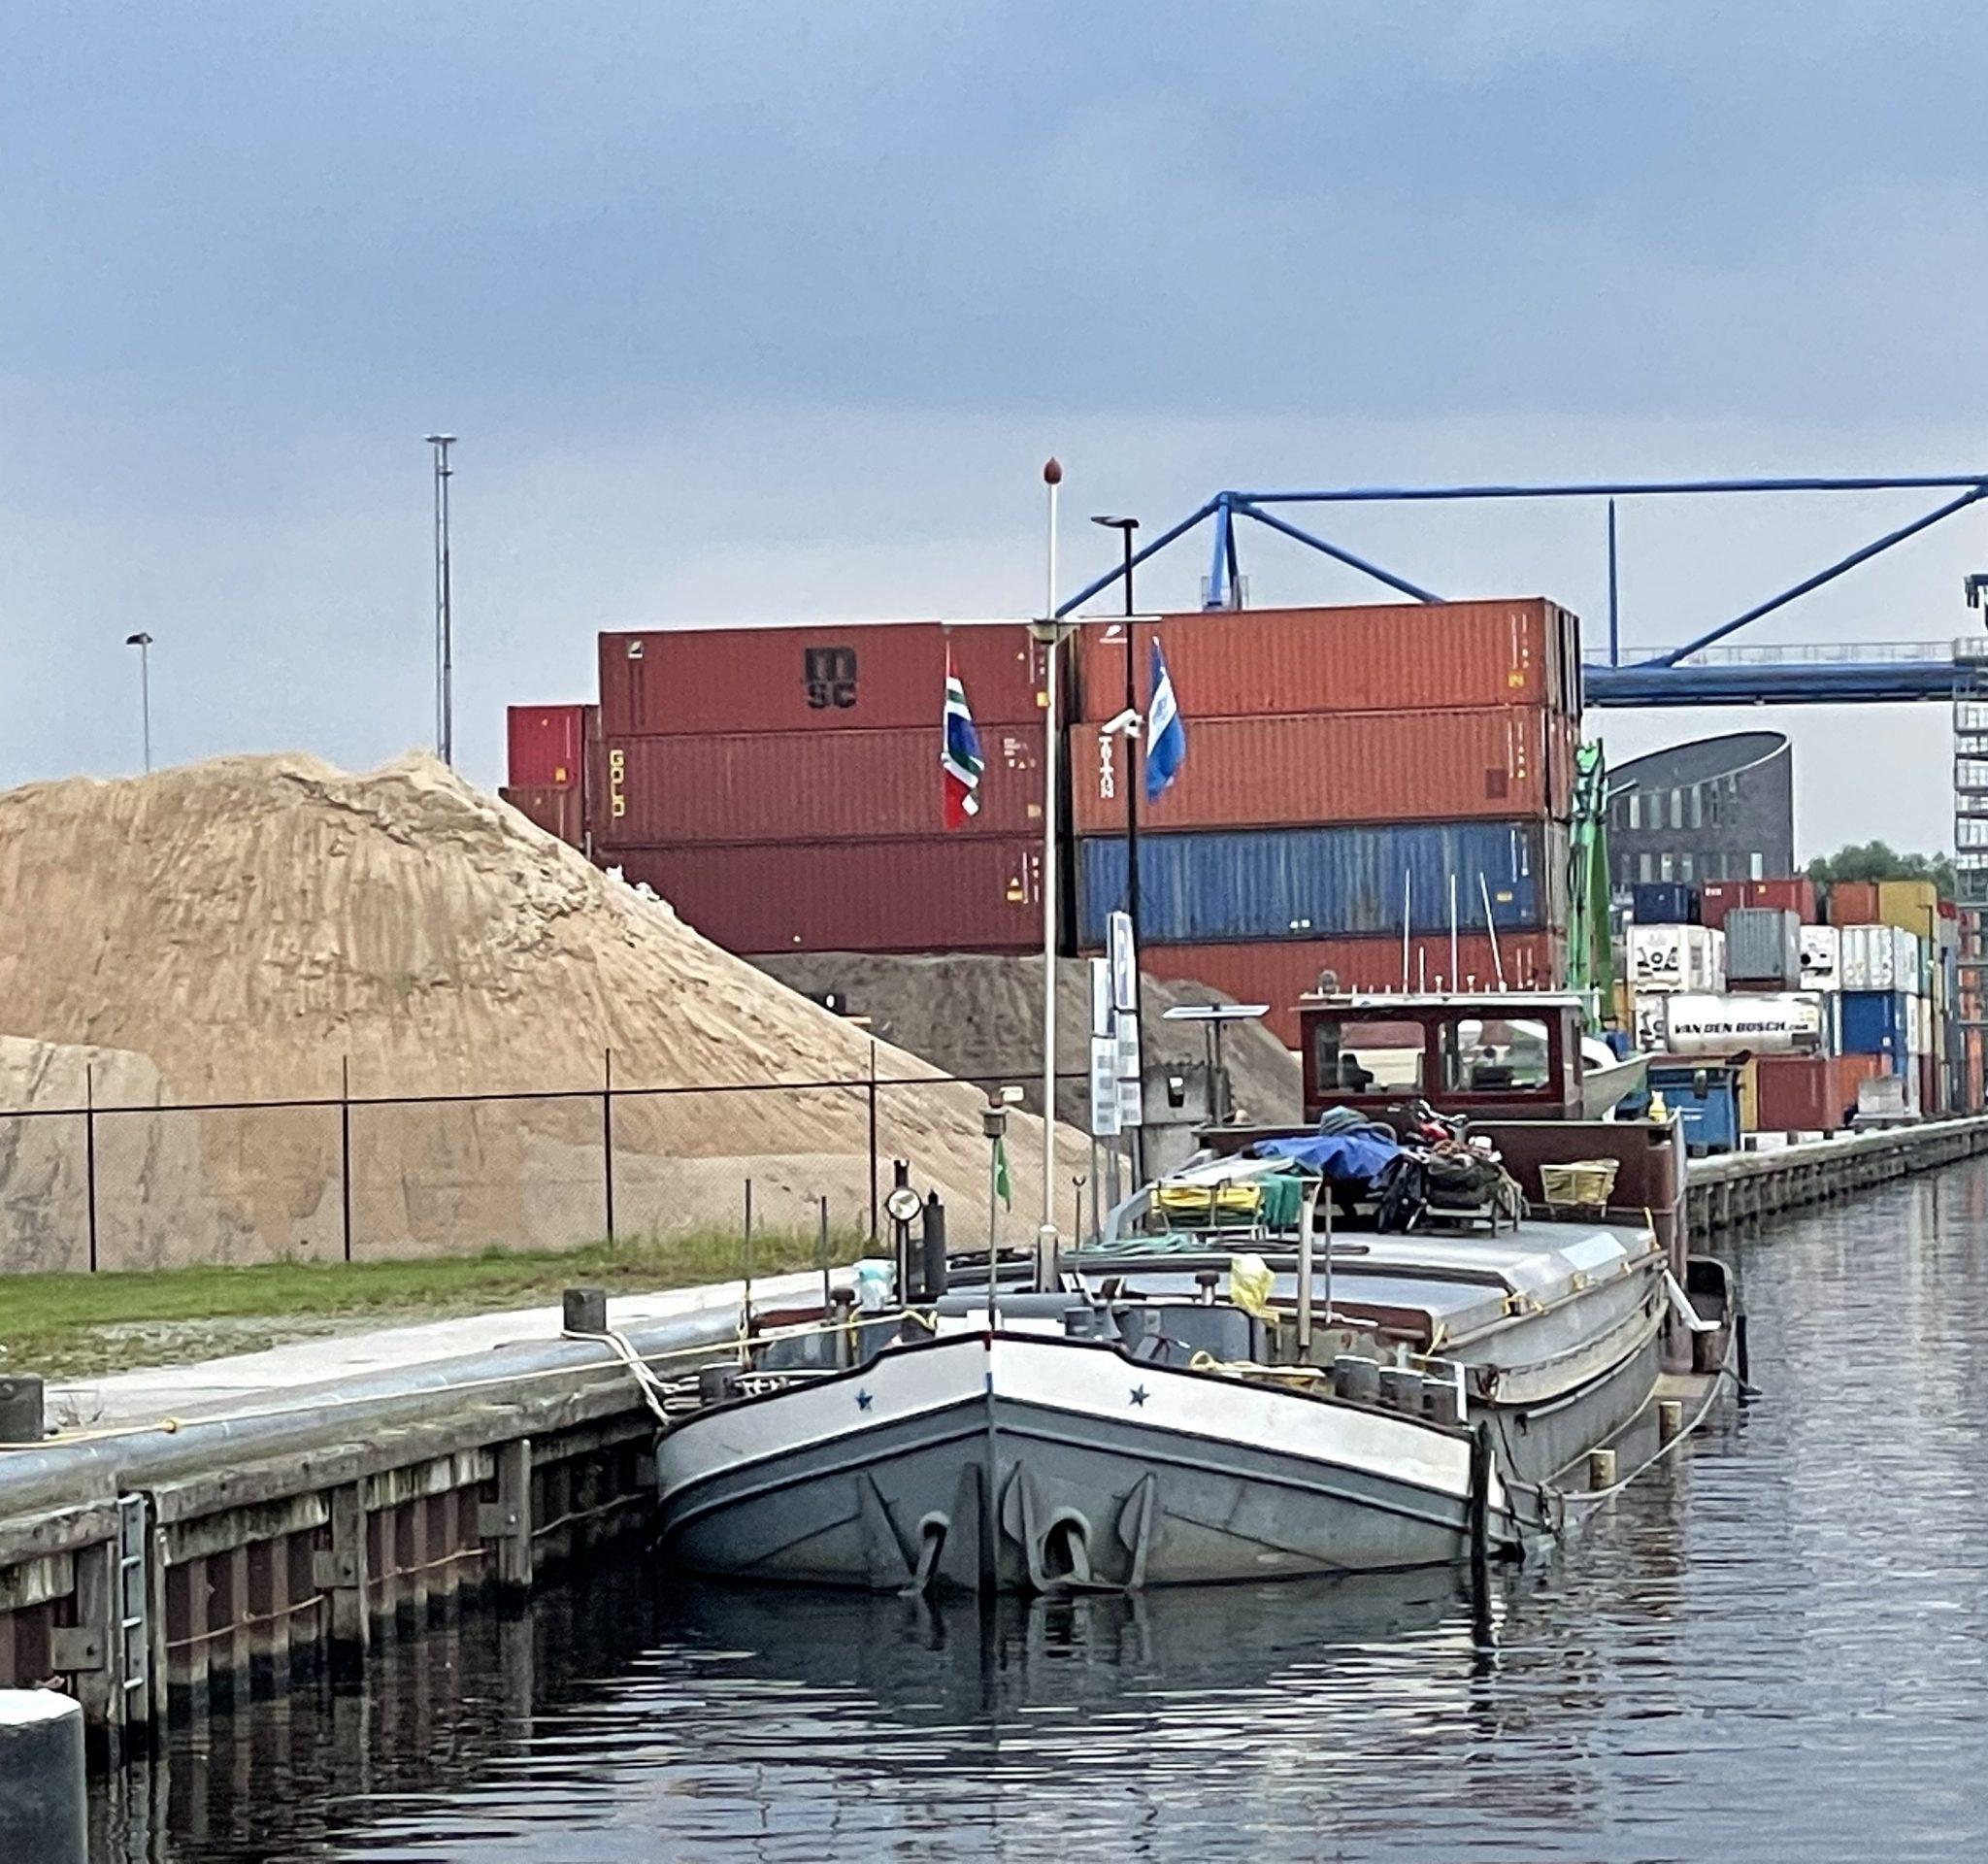 Op dinsdag 27 juli werd bij de Coby, de Semper Spera en de Imatra te veel fosfine in het ruim gemeten. (Foto AS Media)